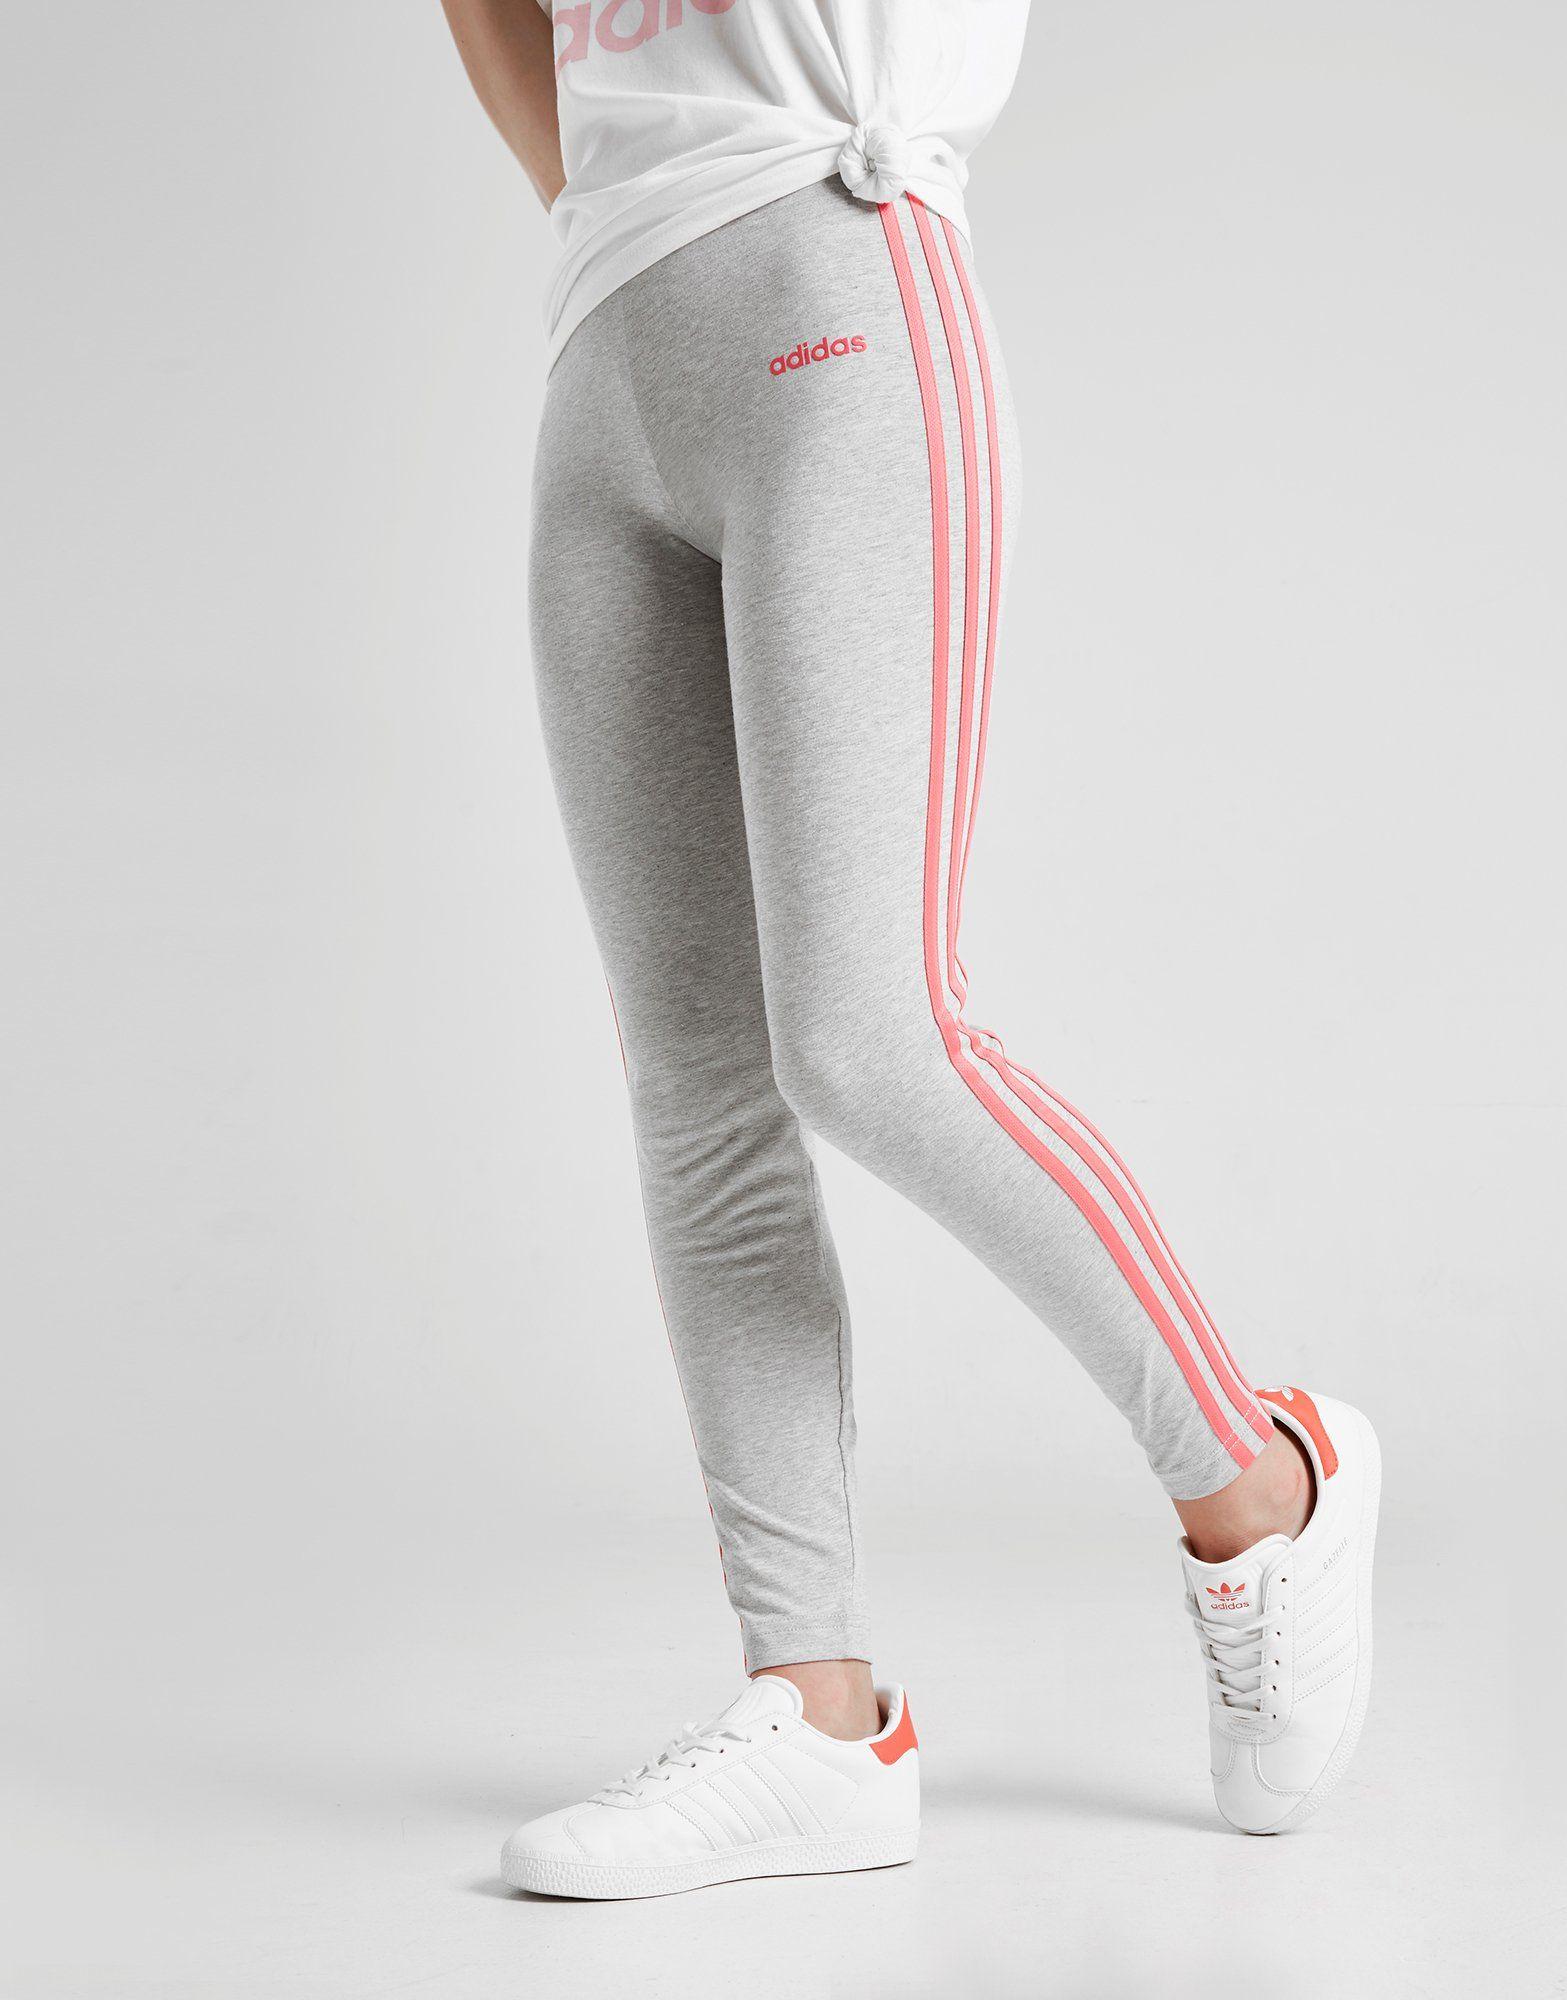 adidas leggings for girls